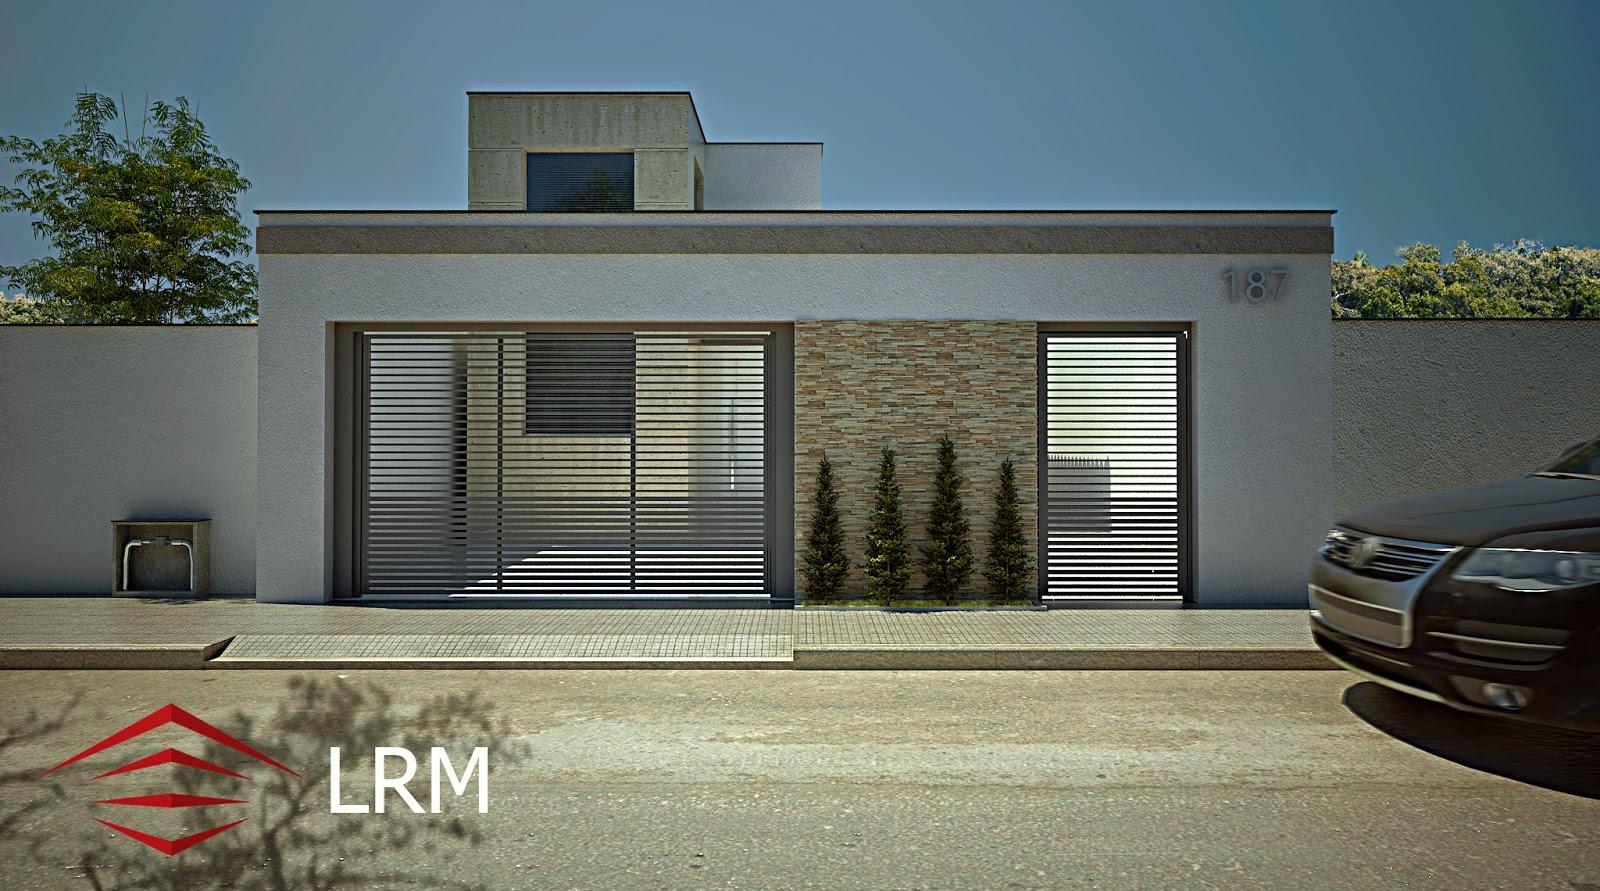 Conhecido LRM - Projetos Arquitetônicos 3D: Fachada de Casa Contemporânea ZP74